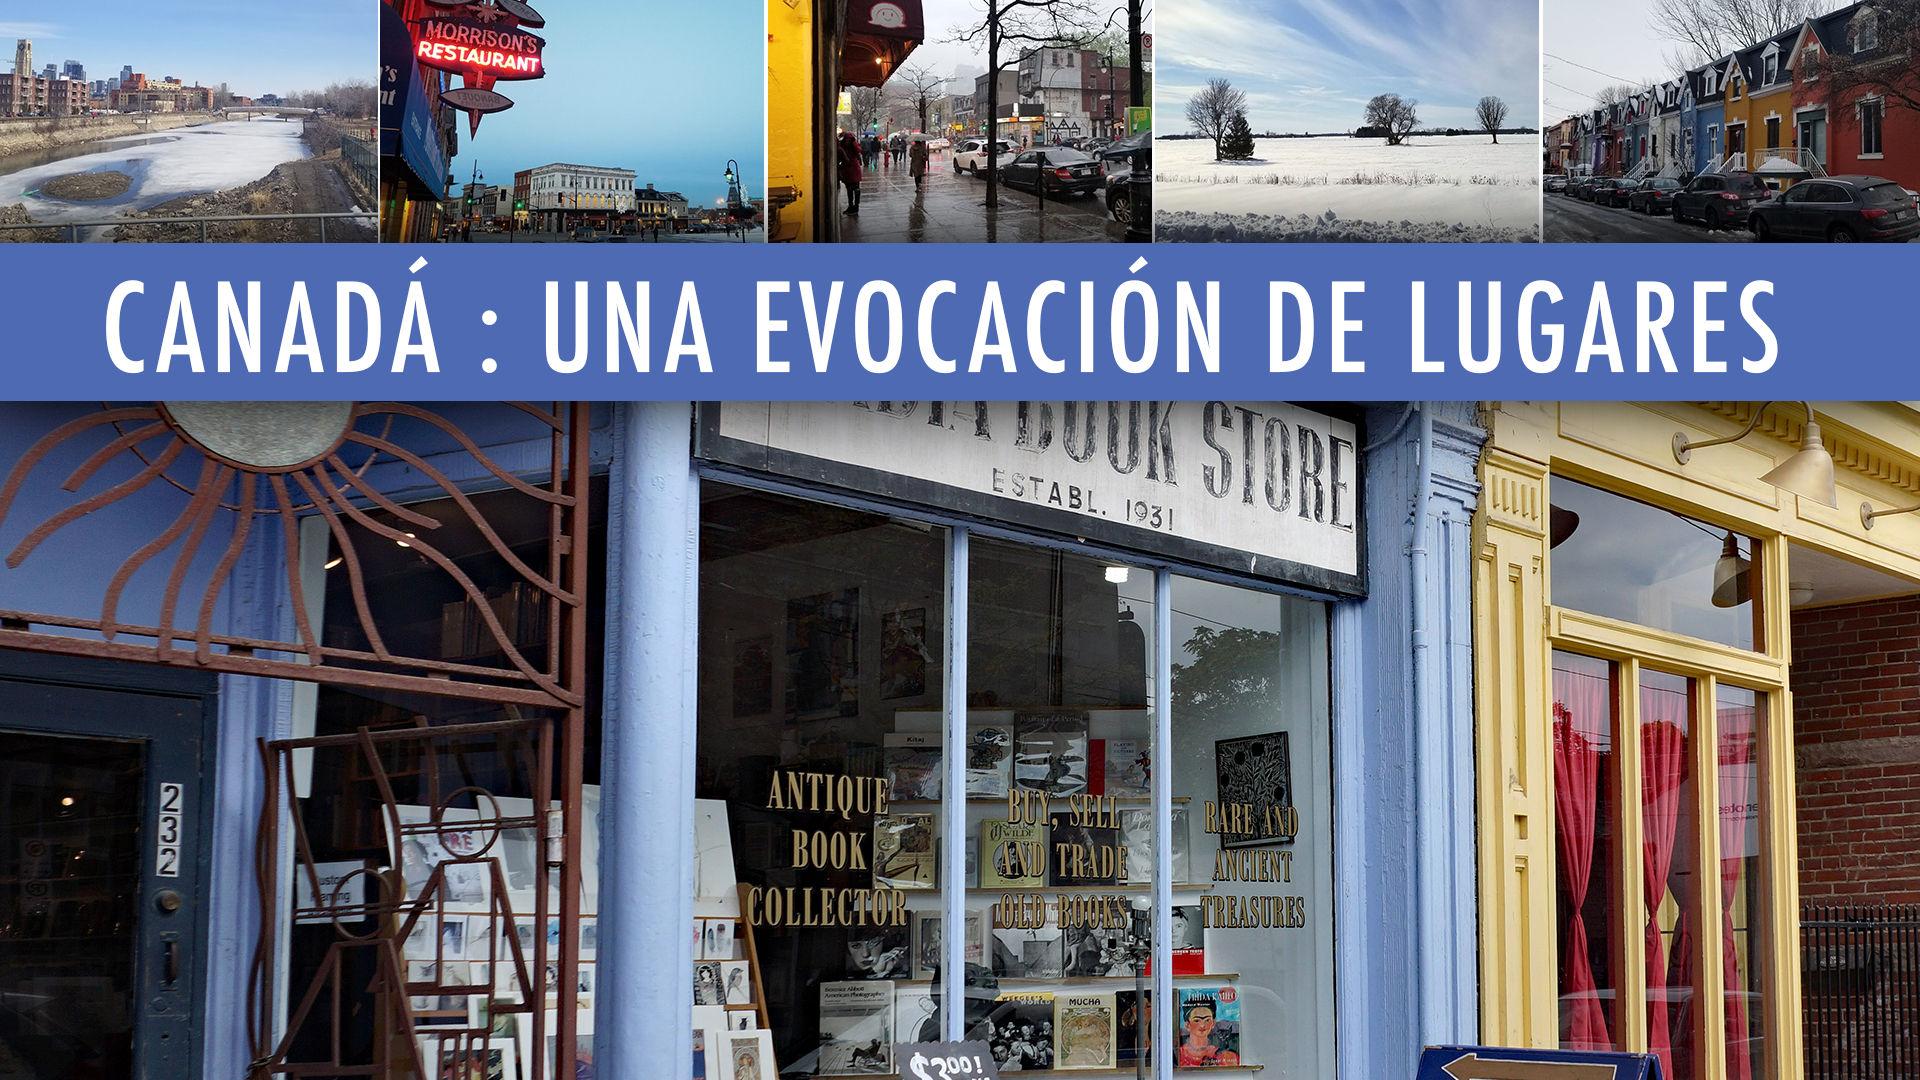 """النص """"Canadá: Una evocación de lugares"""" مصحوبًا بصور لأماكن مختلفة في كندا"""